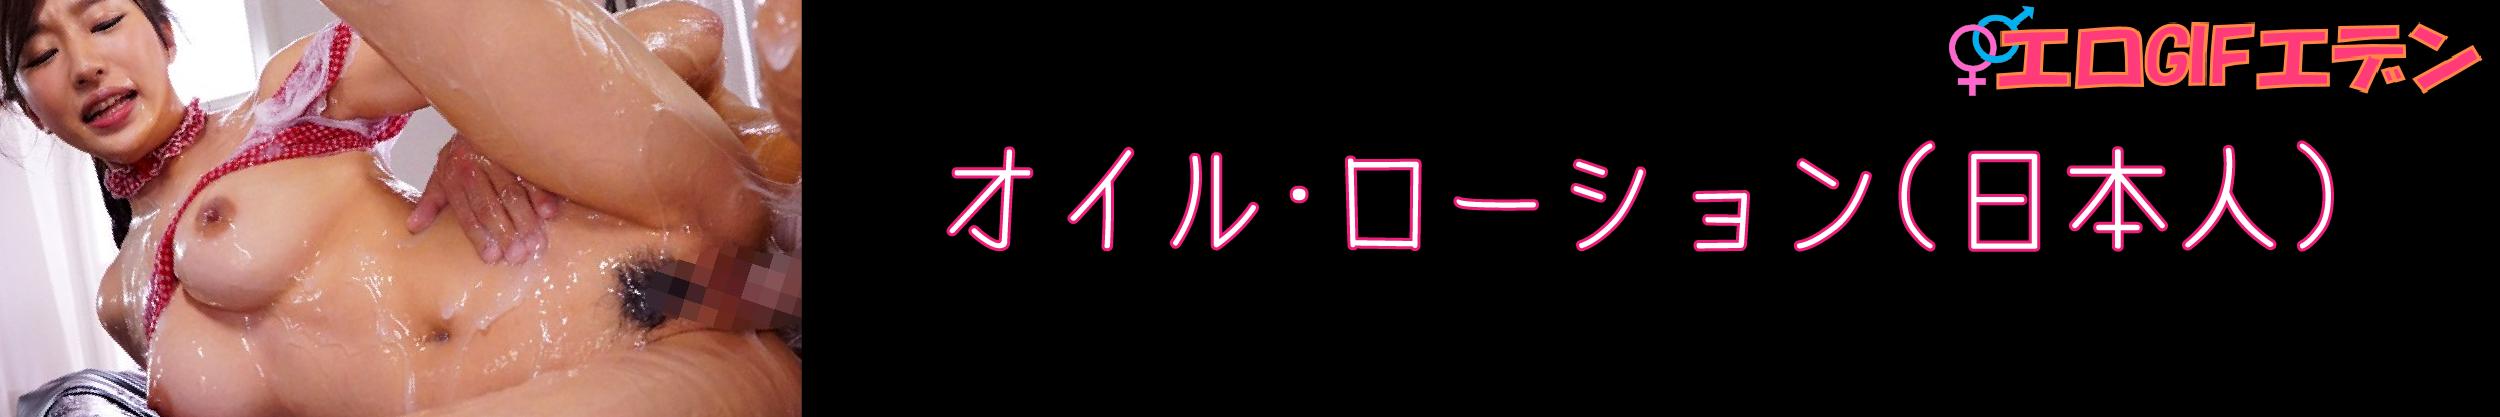 オイル・ローション(日本人)_アートボード 1_アートボード 1_アートボード 1_アートボード 1_アートボード 1